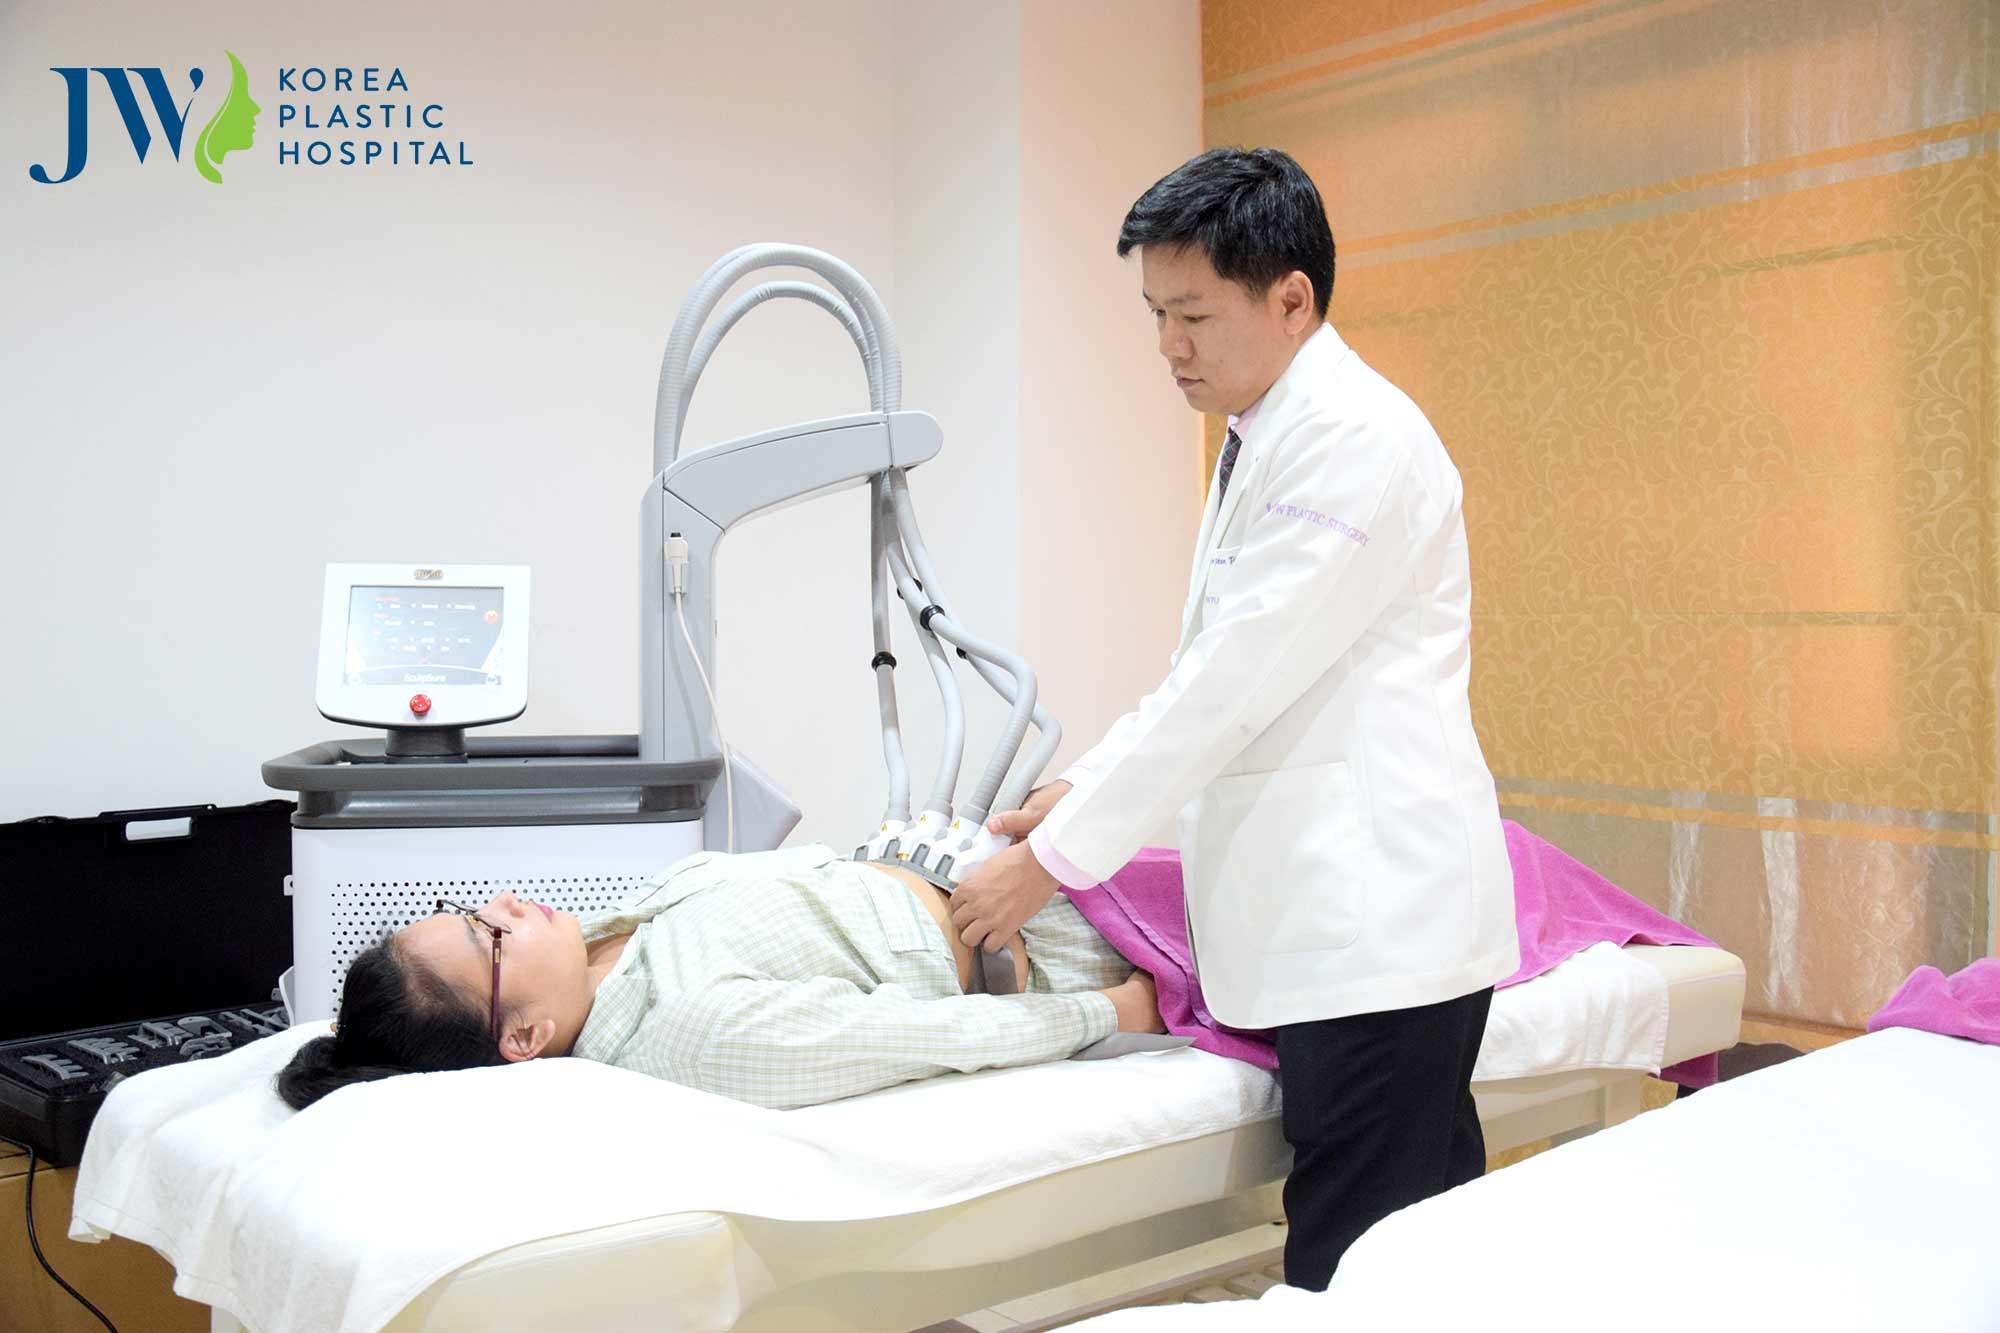 Phương pháp hút mỡ bắp tay bằng công nghệ Laser Lipo hiện đại